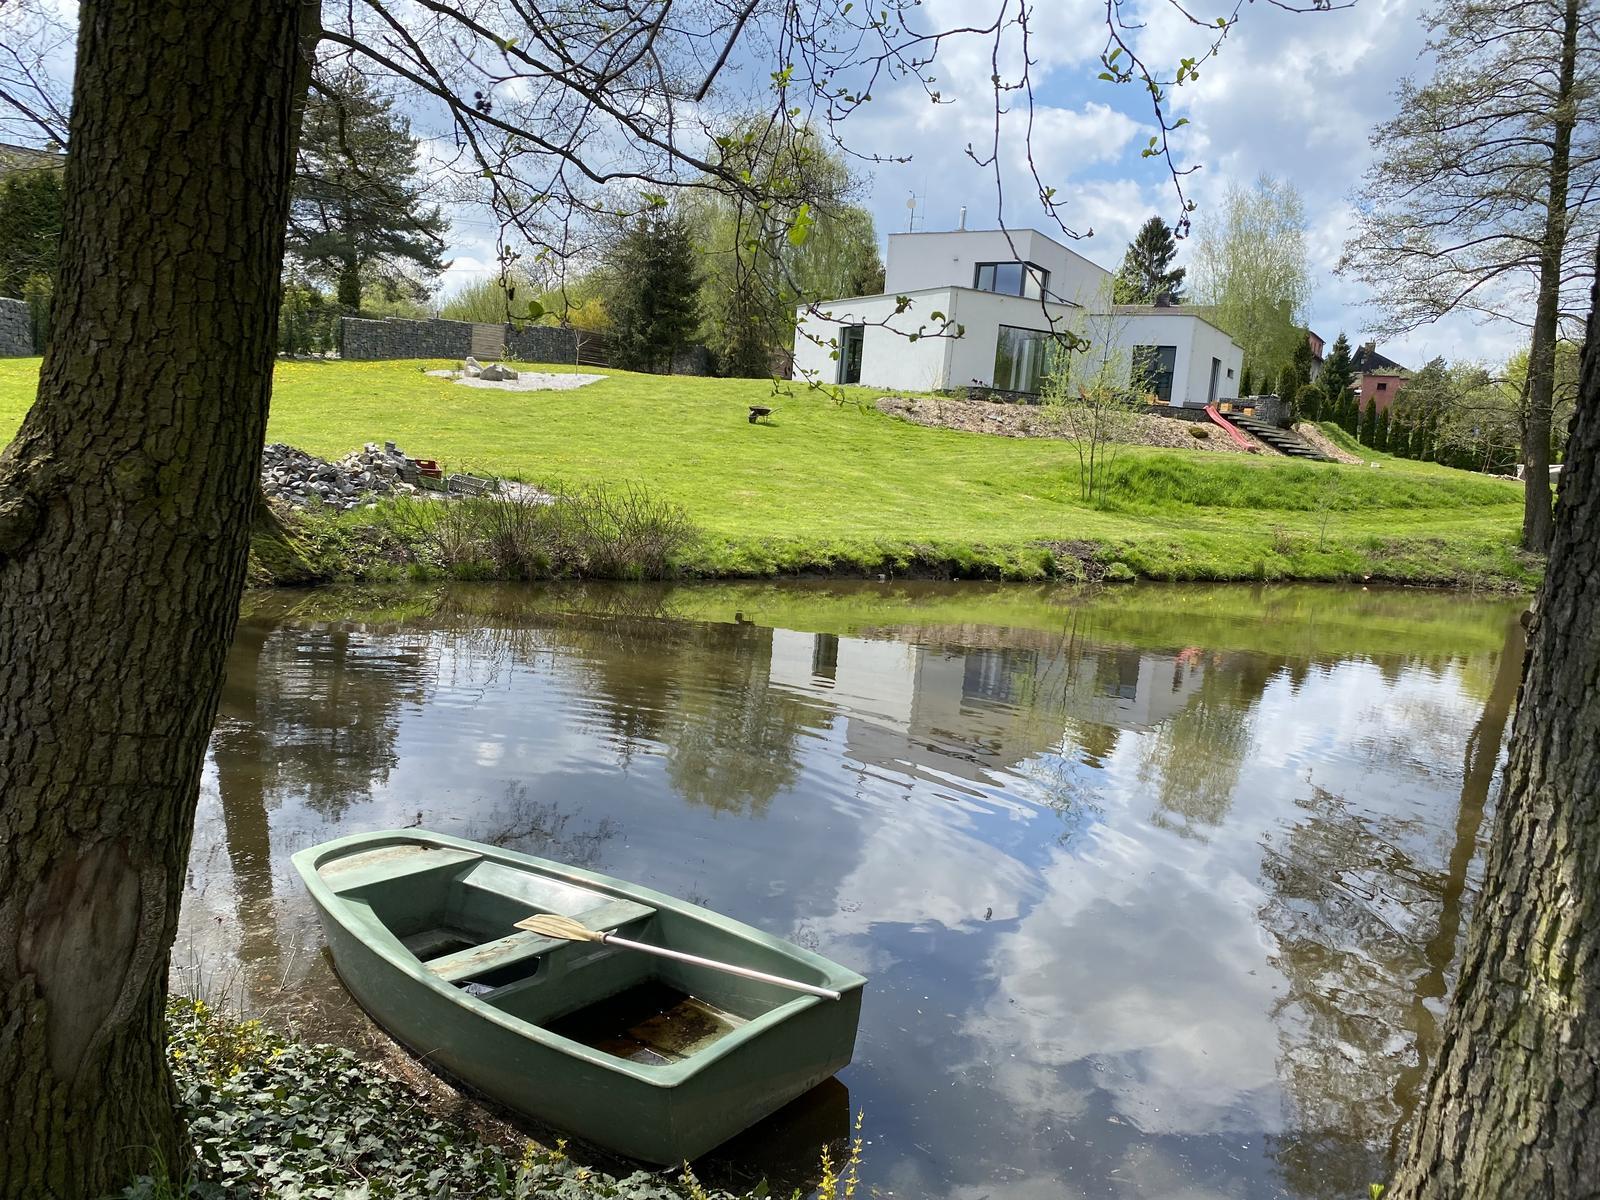 Zahrada u rybníčku - Svahy jsme konečně osadili. Po letošní zimě ujela část do rybníka